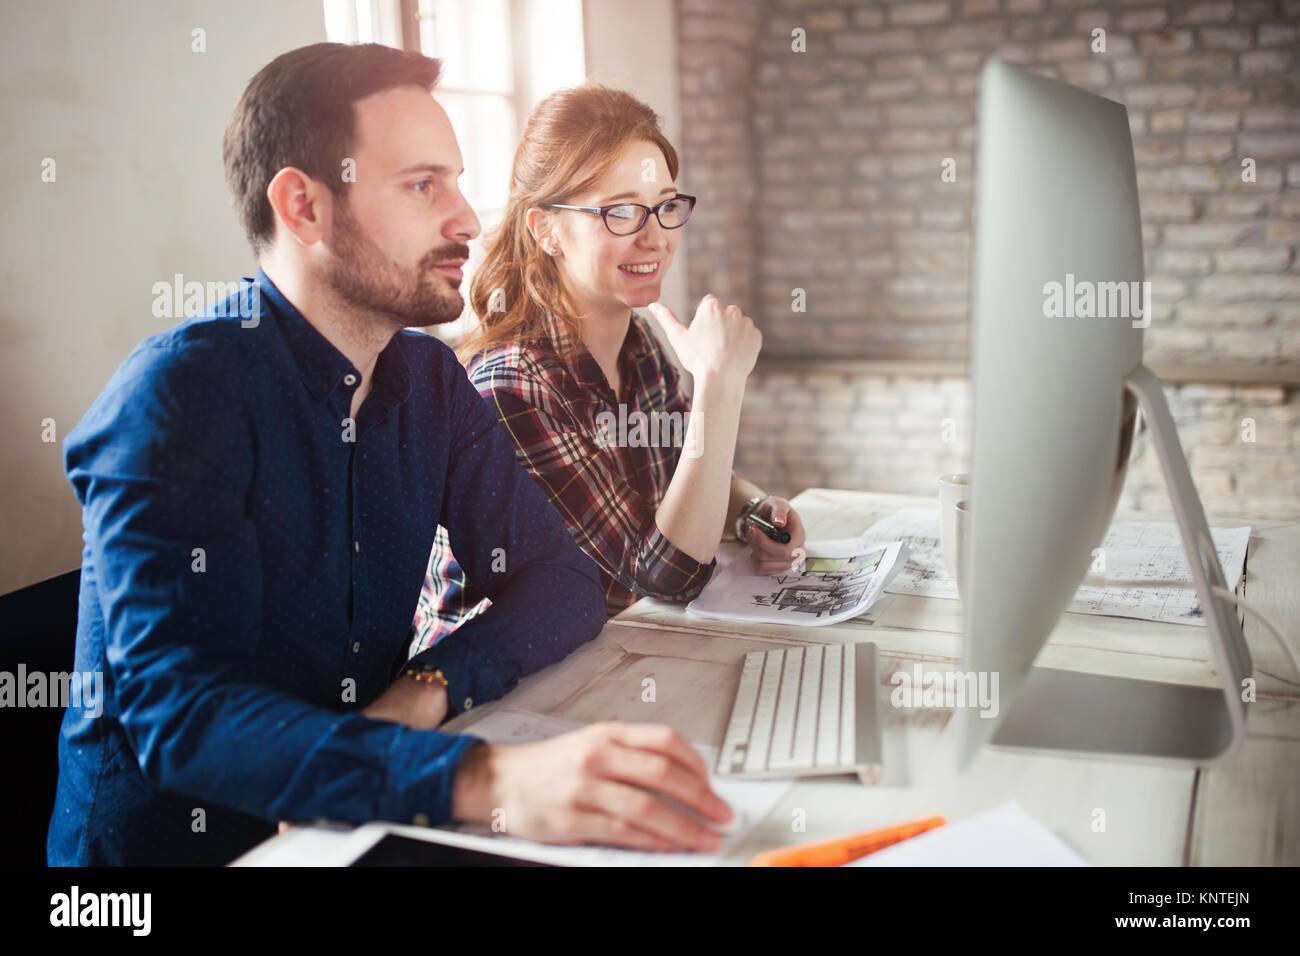 Programmatori che lavorano in una via di sviluppo software ufficio aziendale Immagini Stock